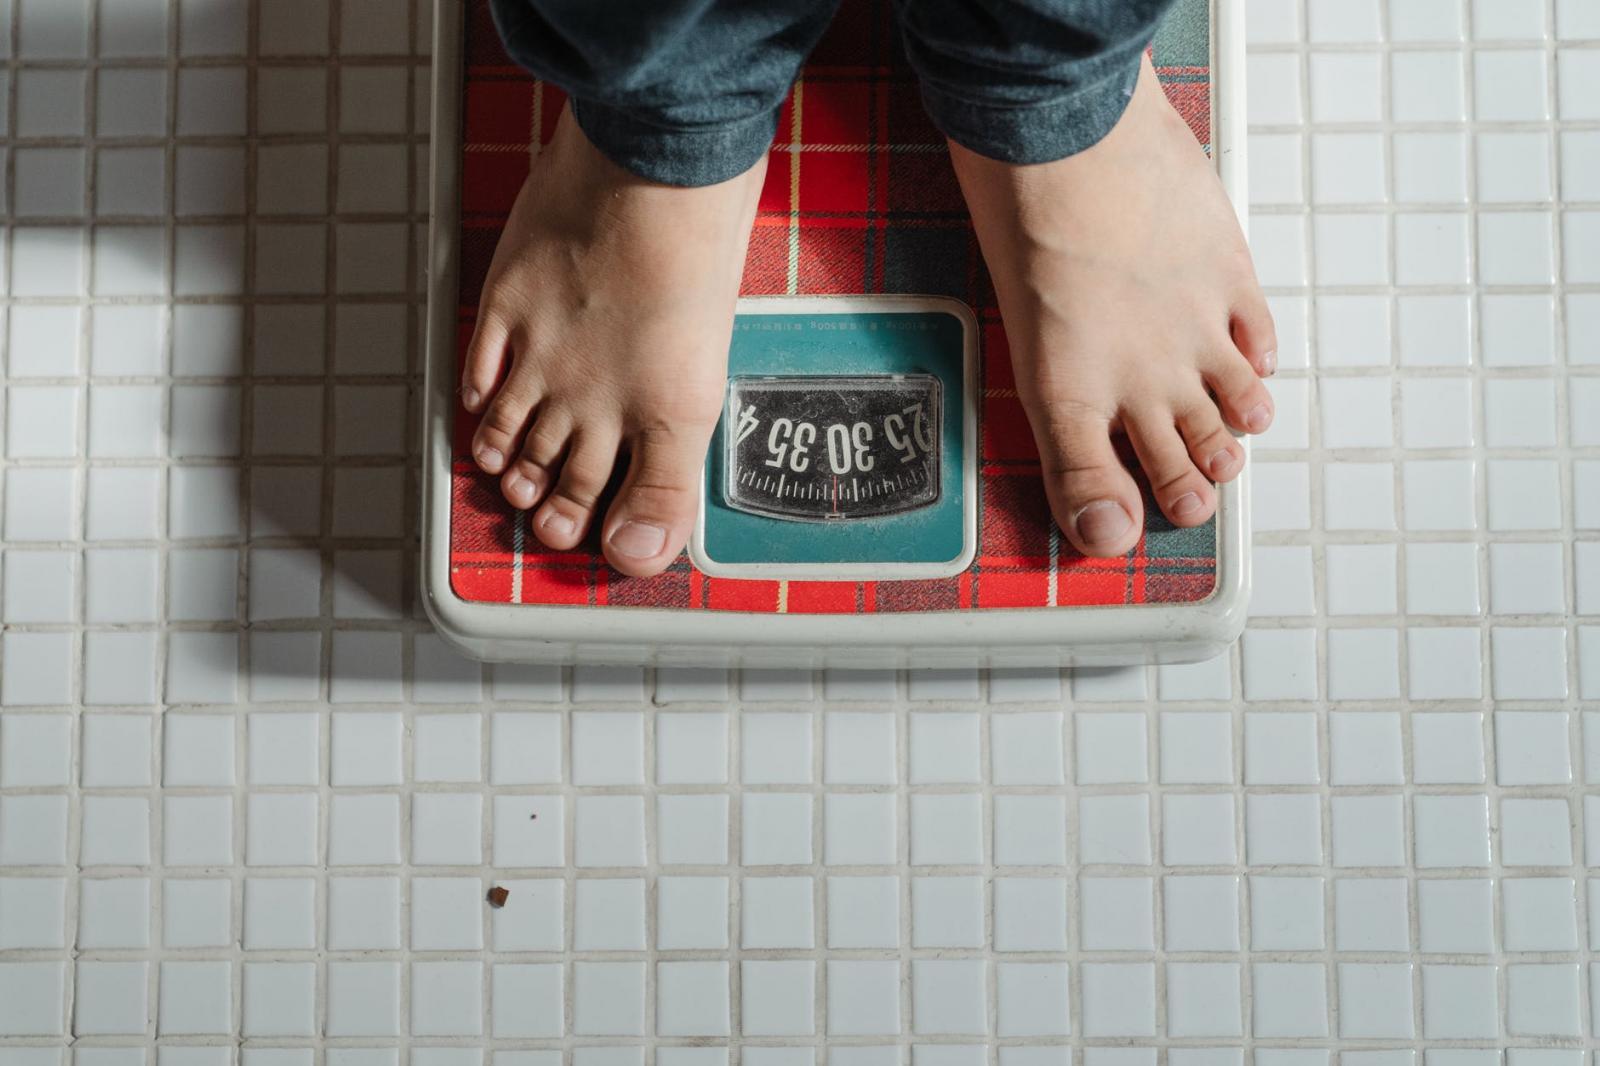 比168更有效!營養師親授「夏日無痛瘦身術」,水餃、義式燉飯竟也能變減肥餐 -0